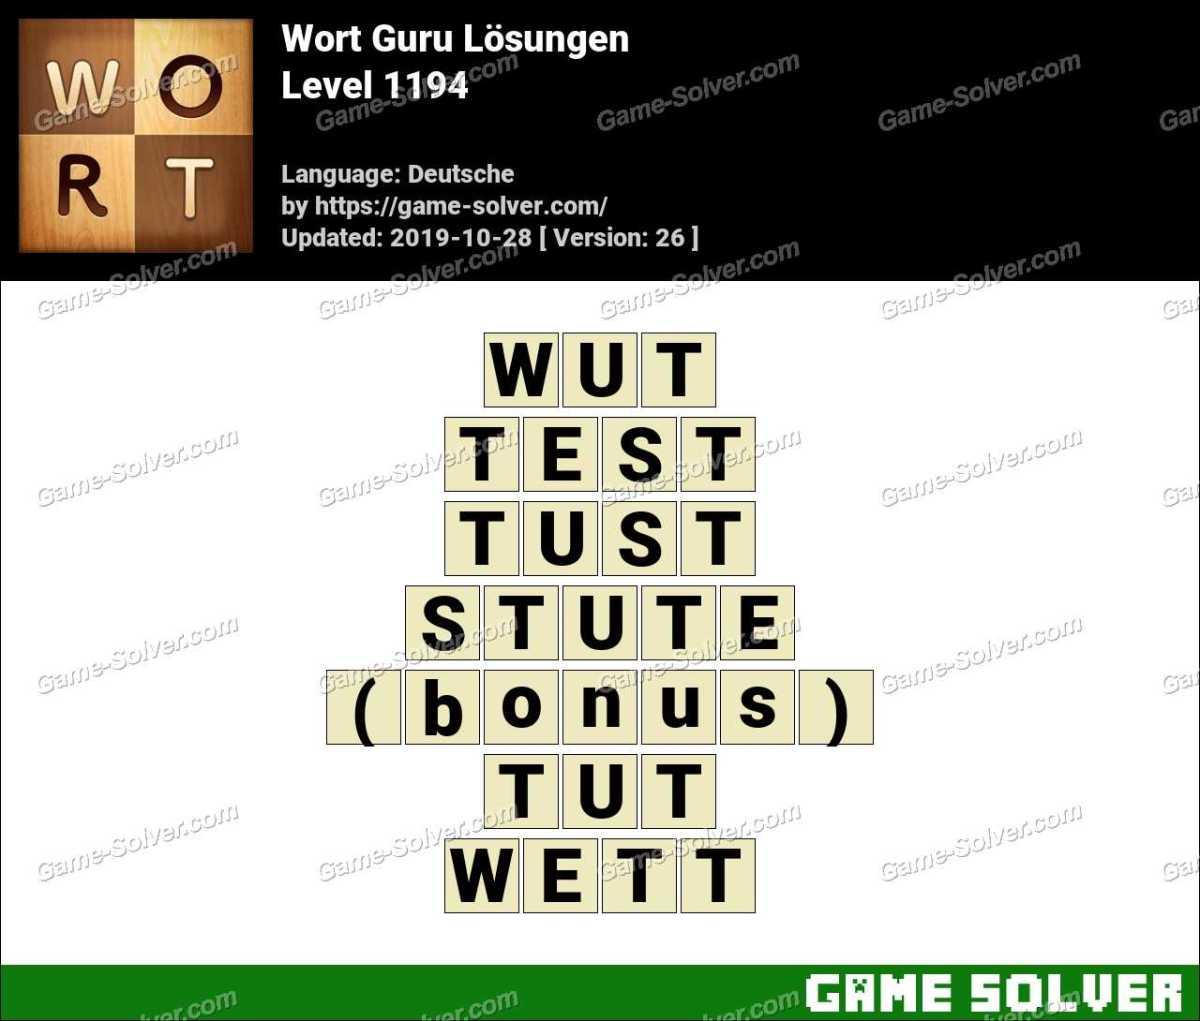 Wort Guru Level 1194 Lösungen